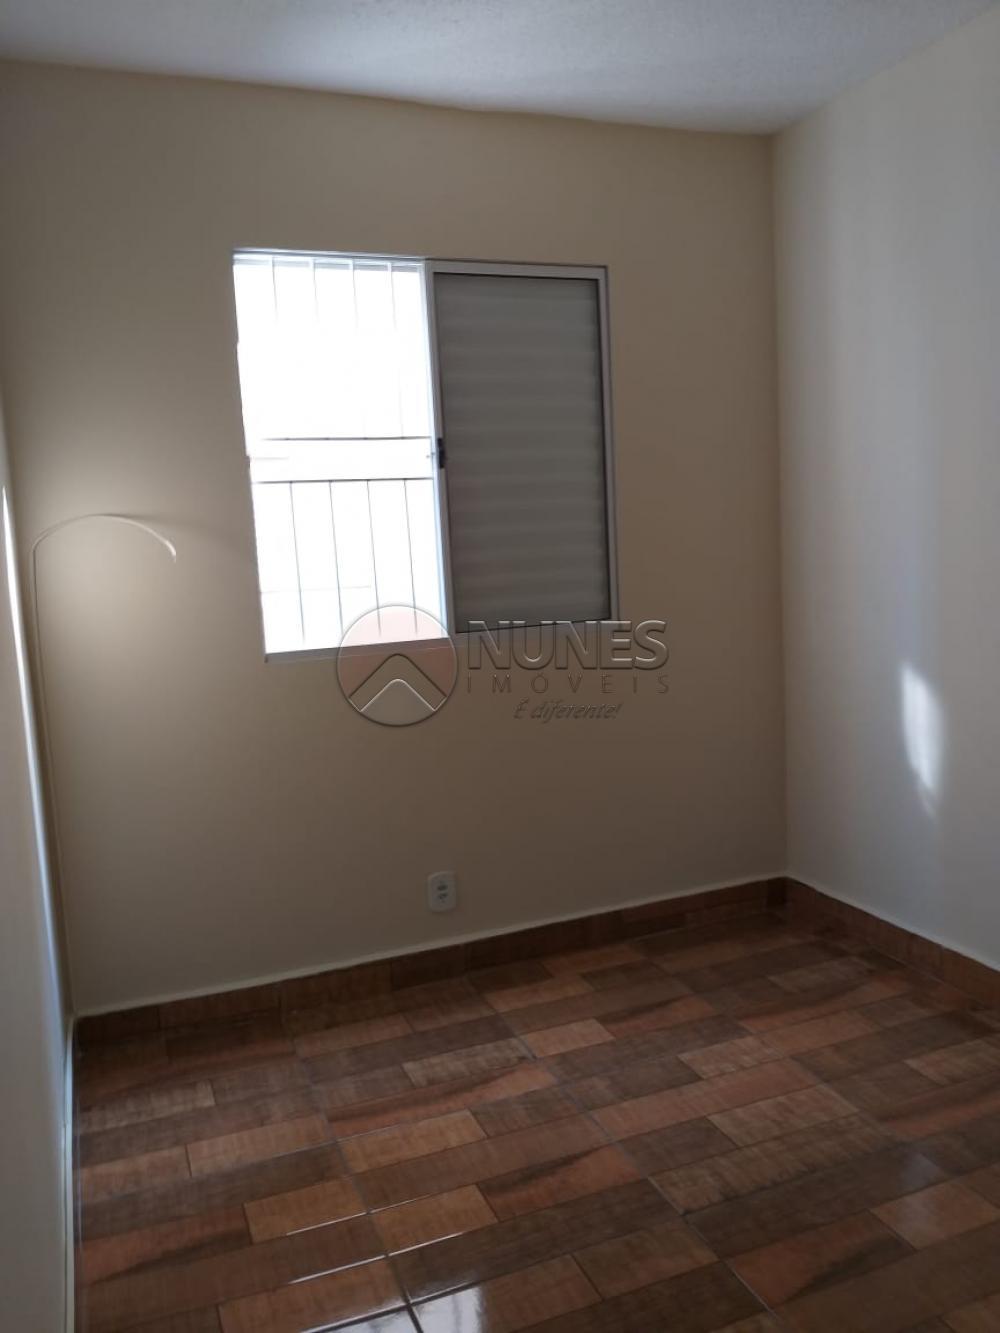 Comprar Apartamento / Padrão em Jandira apenas R$ 170.000,00 - Foto 6